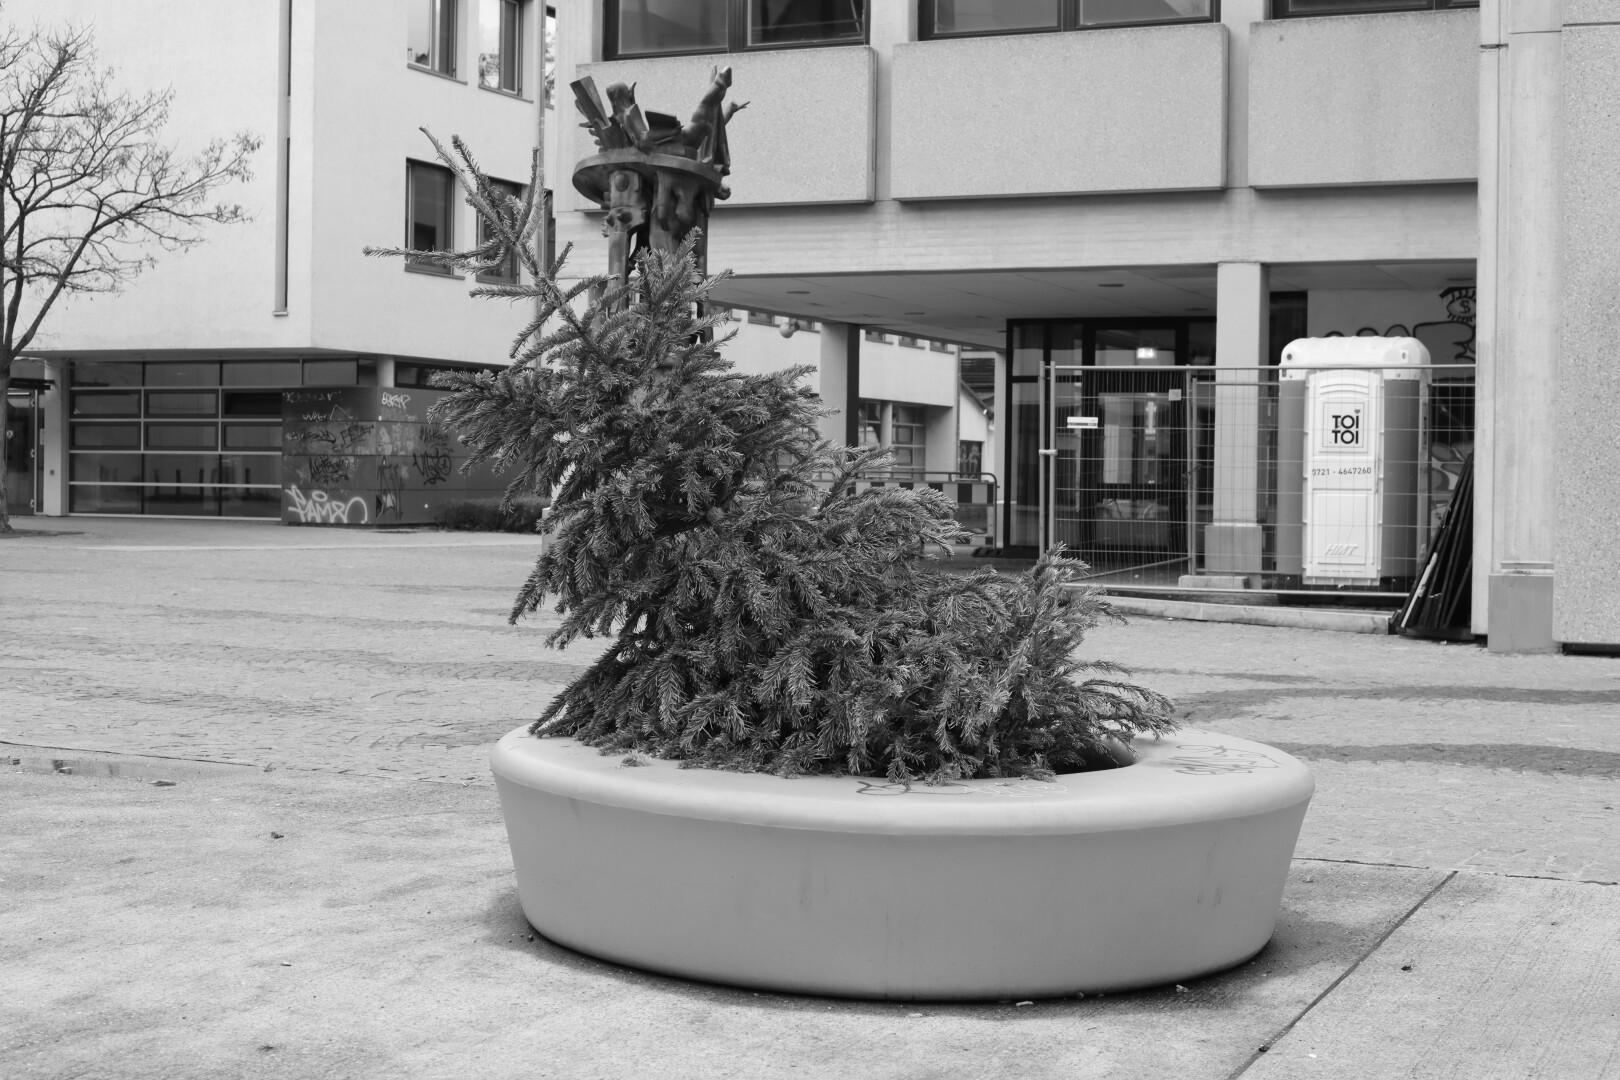 a dumped christmas tree